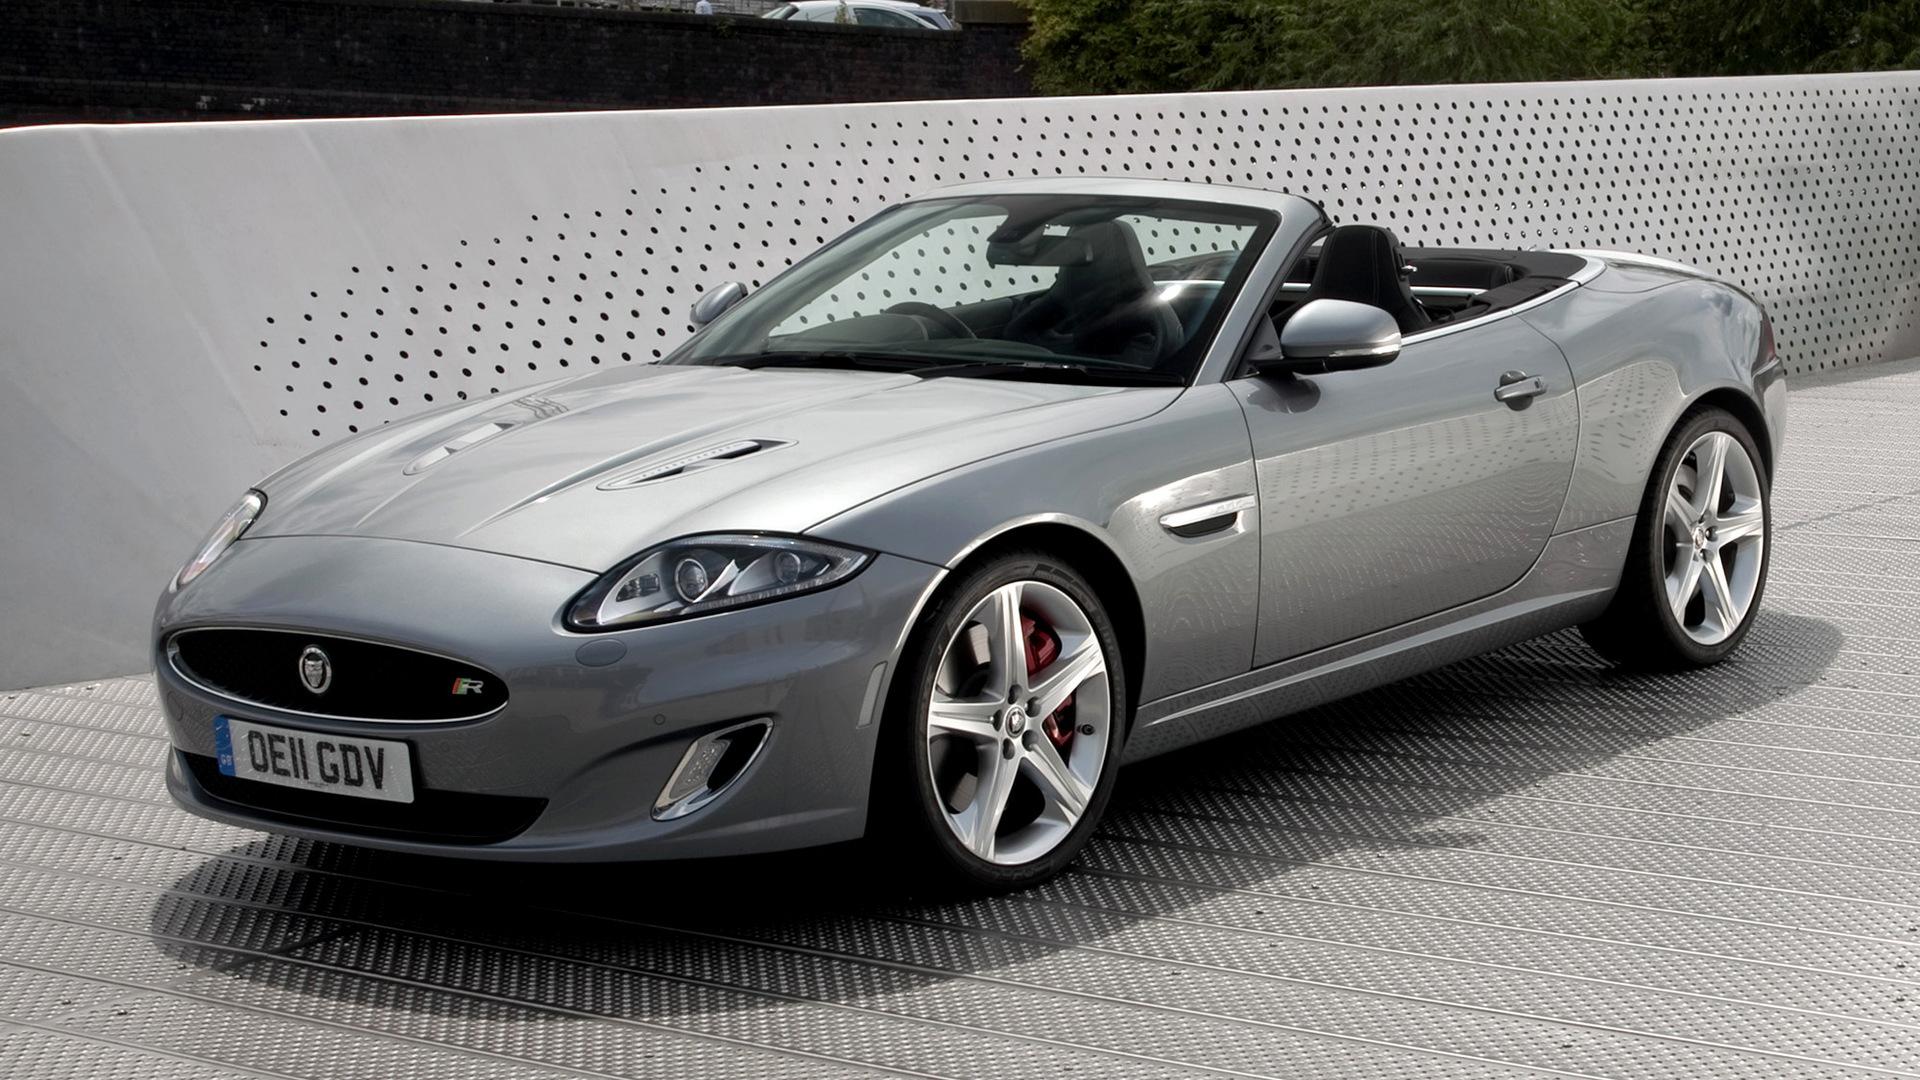 2011 Jaguar Xkr Convertible Uk Wallpapers And Hd